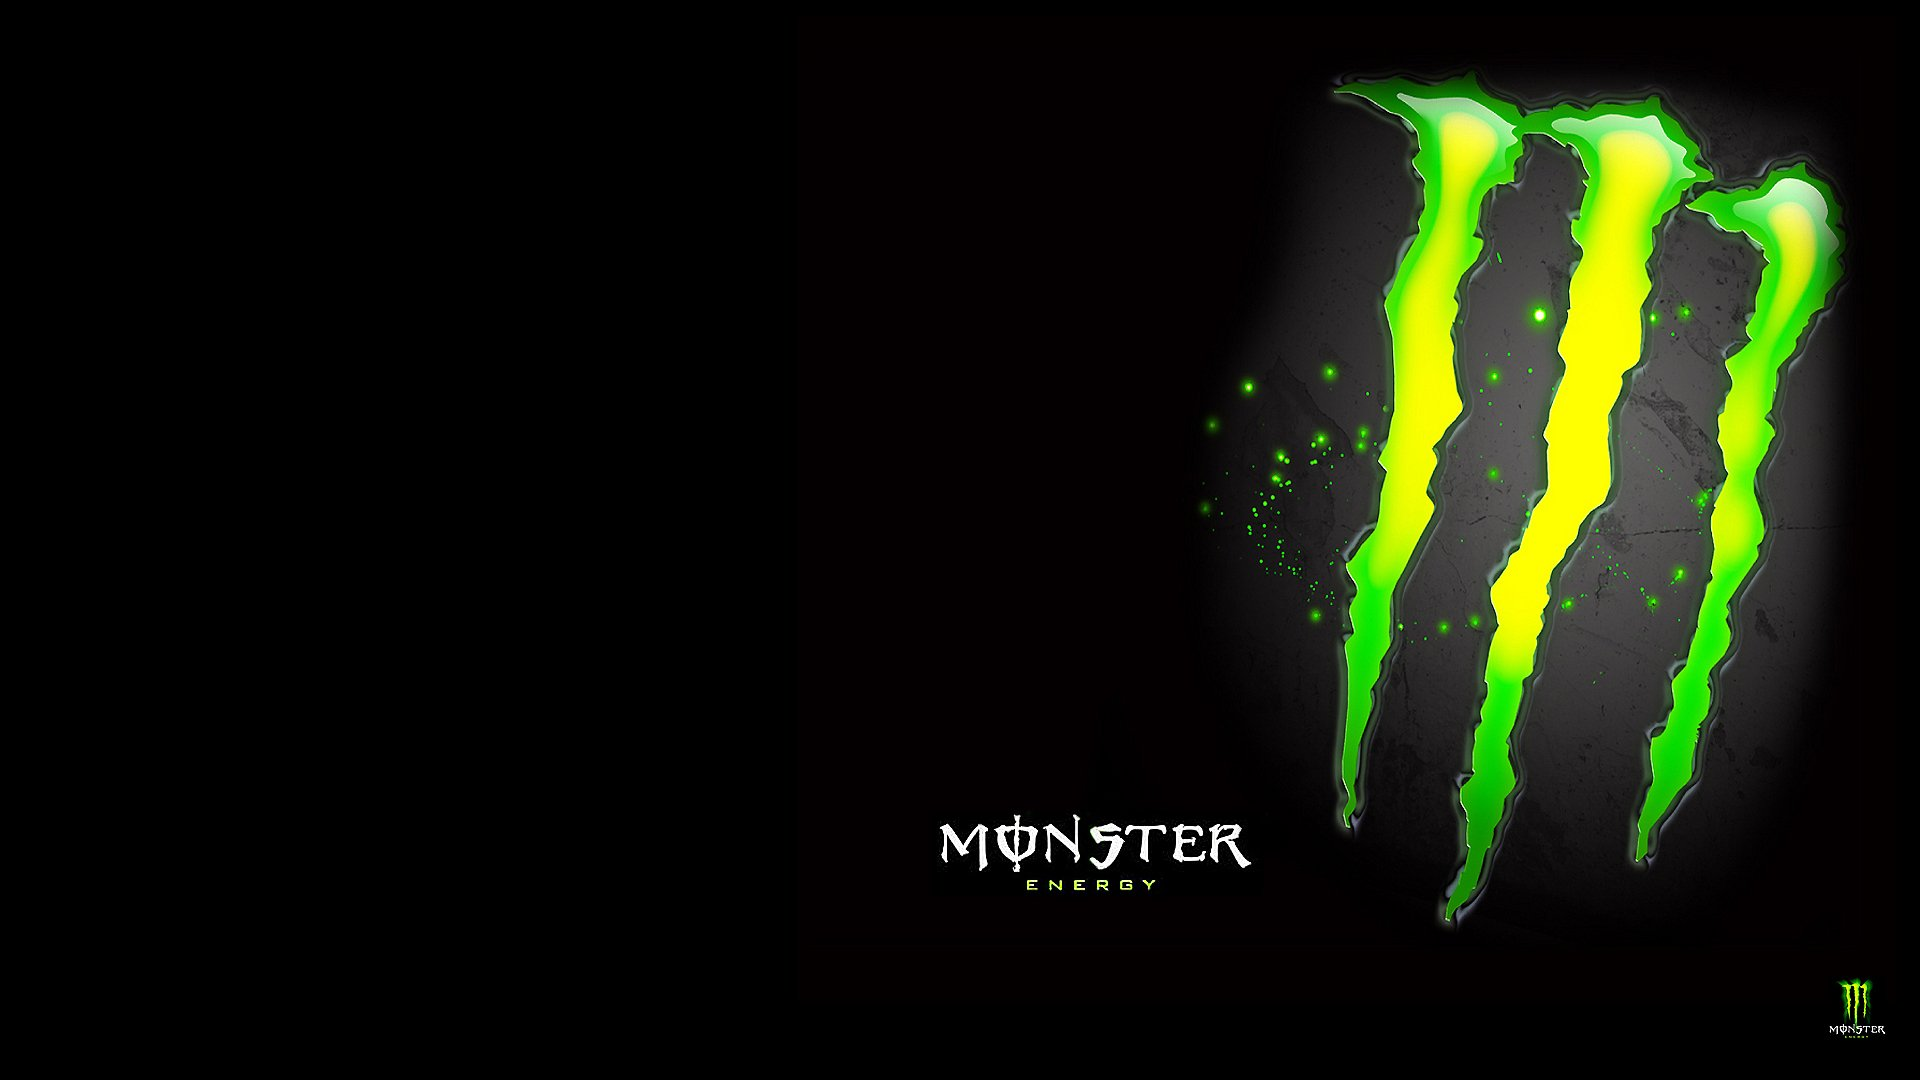 monster logo green wallpaper wwwimgkidcom the image